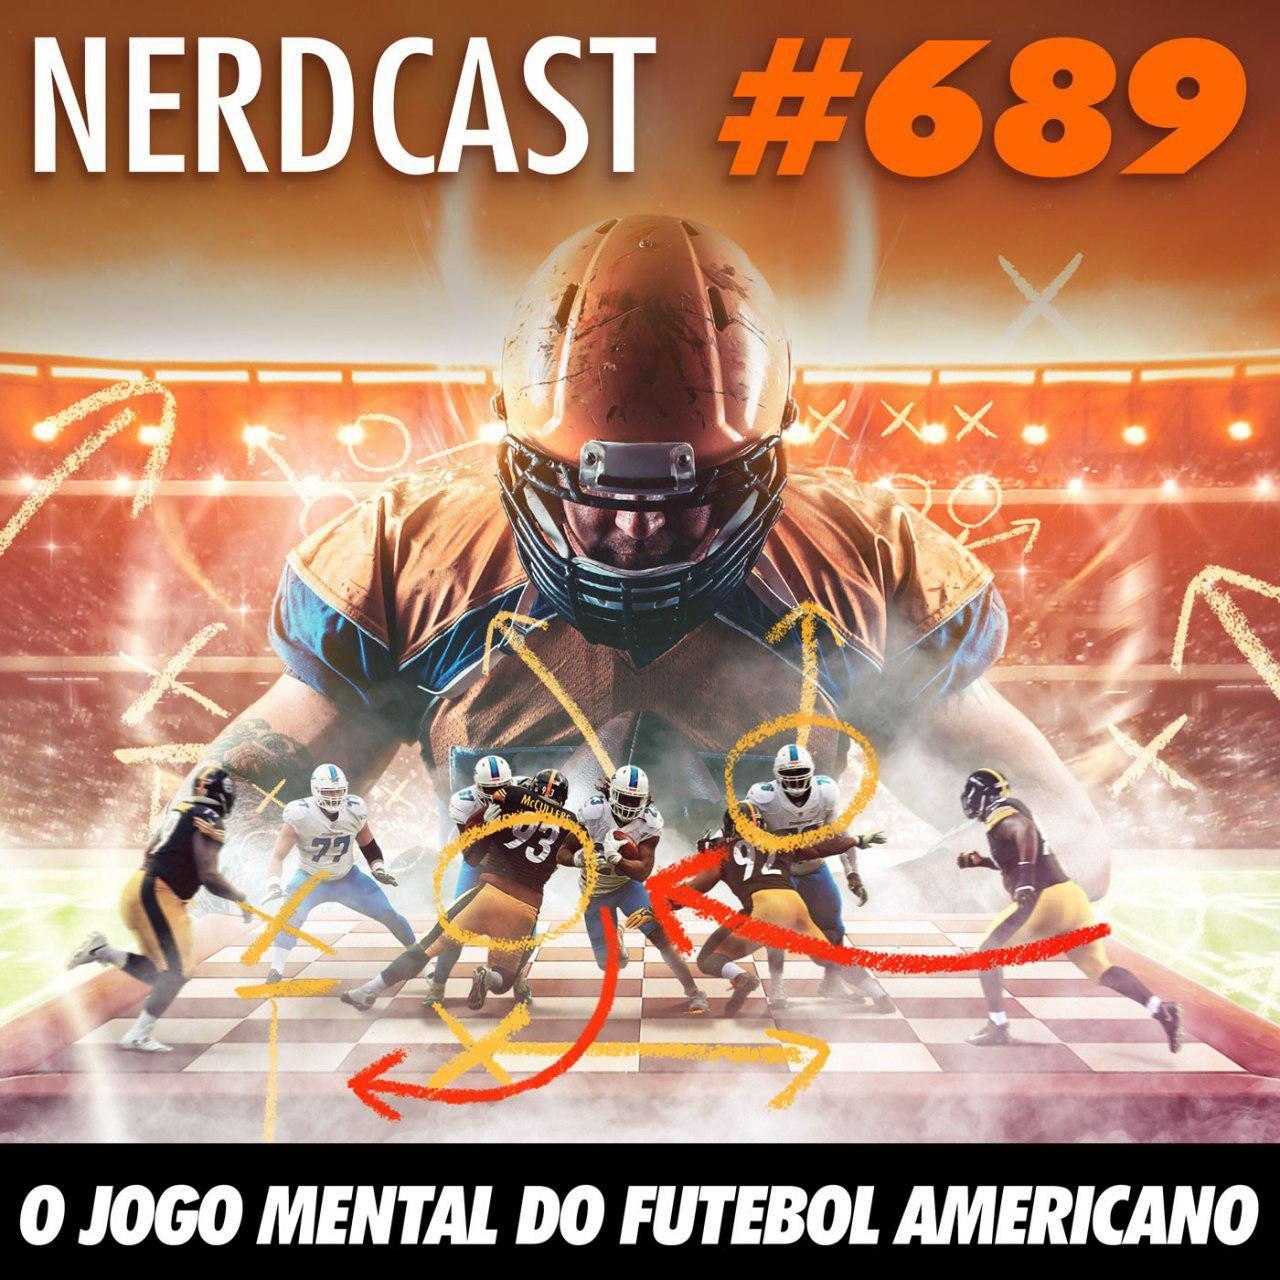 NerdCast 689 - O jogo mental do Futebol Americano